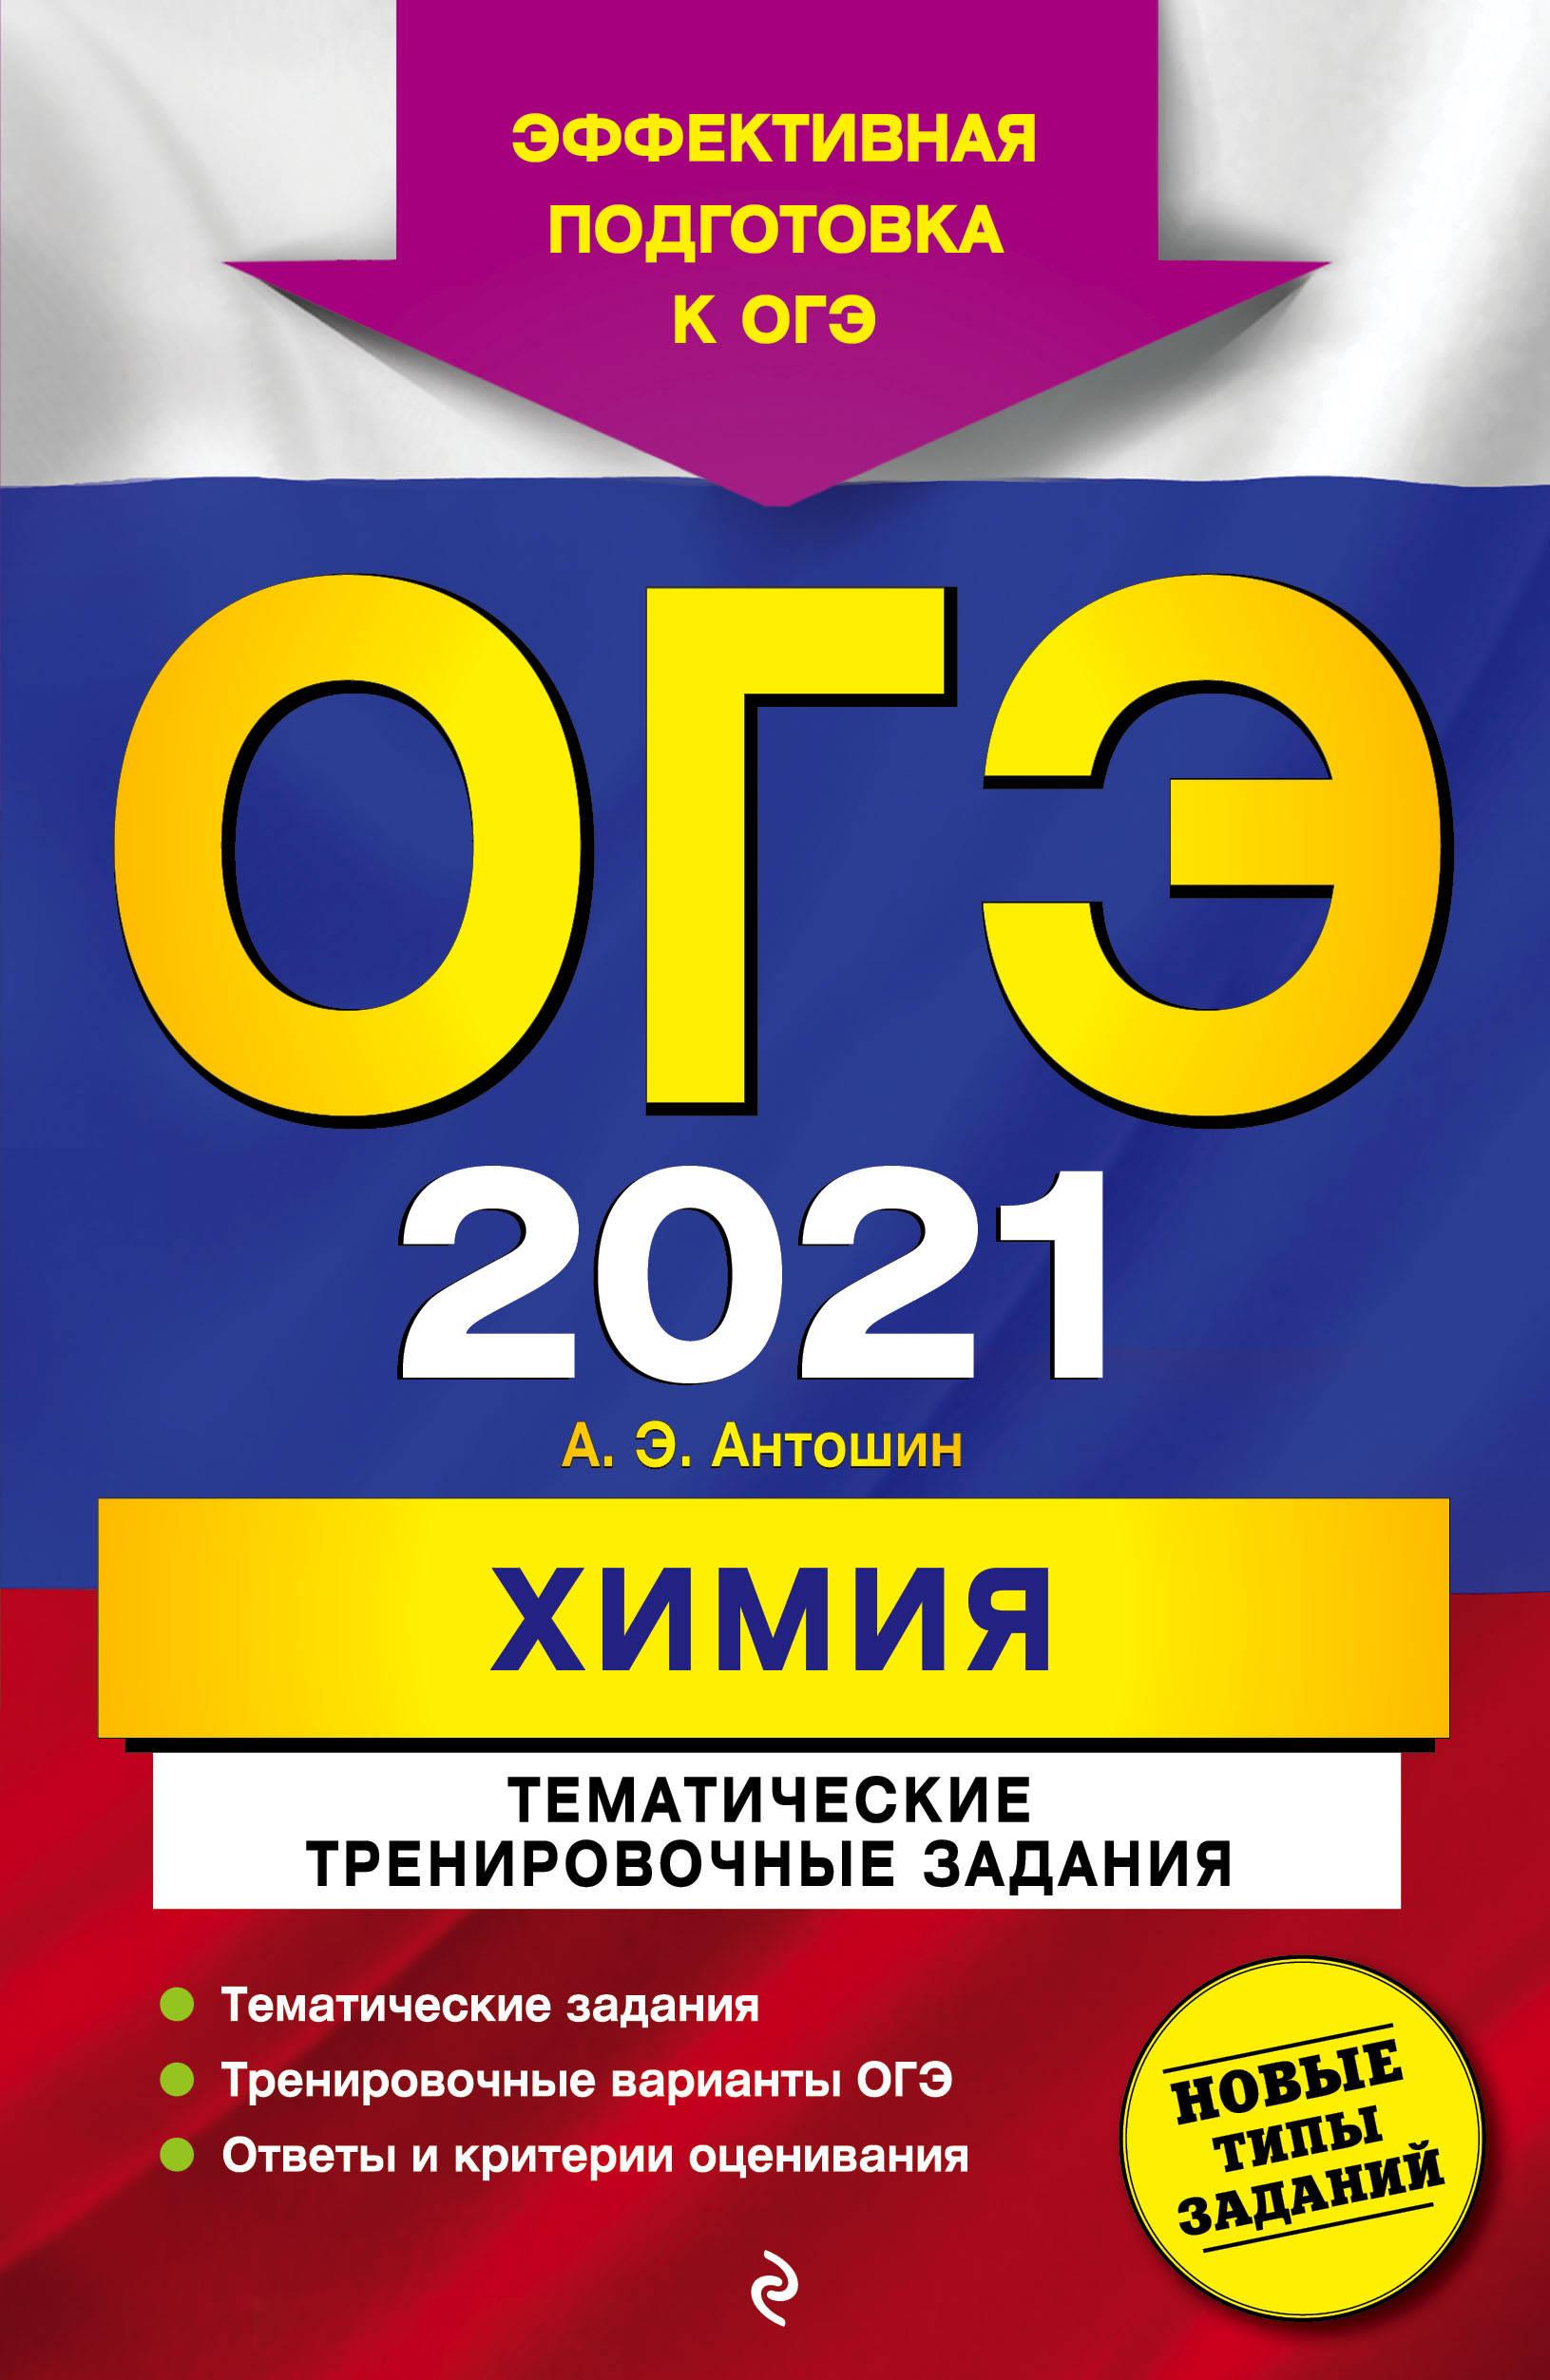 OGE-2021. Khimija. Tematicheskie trenirovochnye zadanija